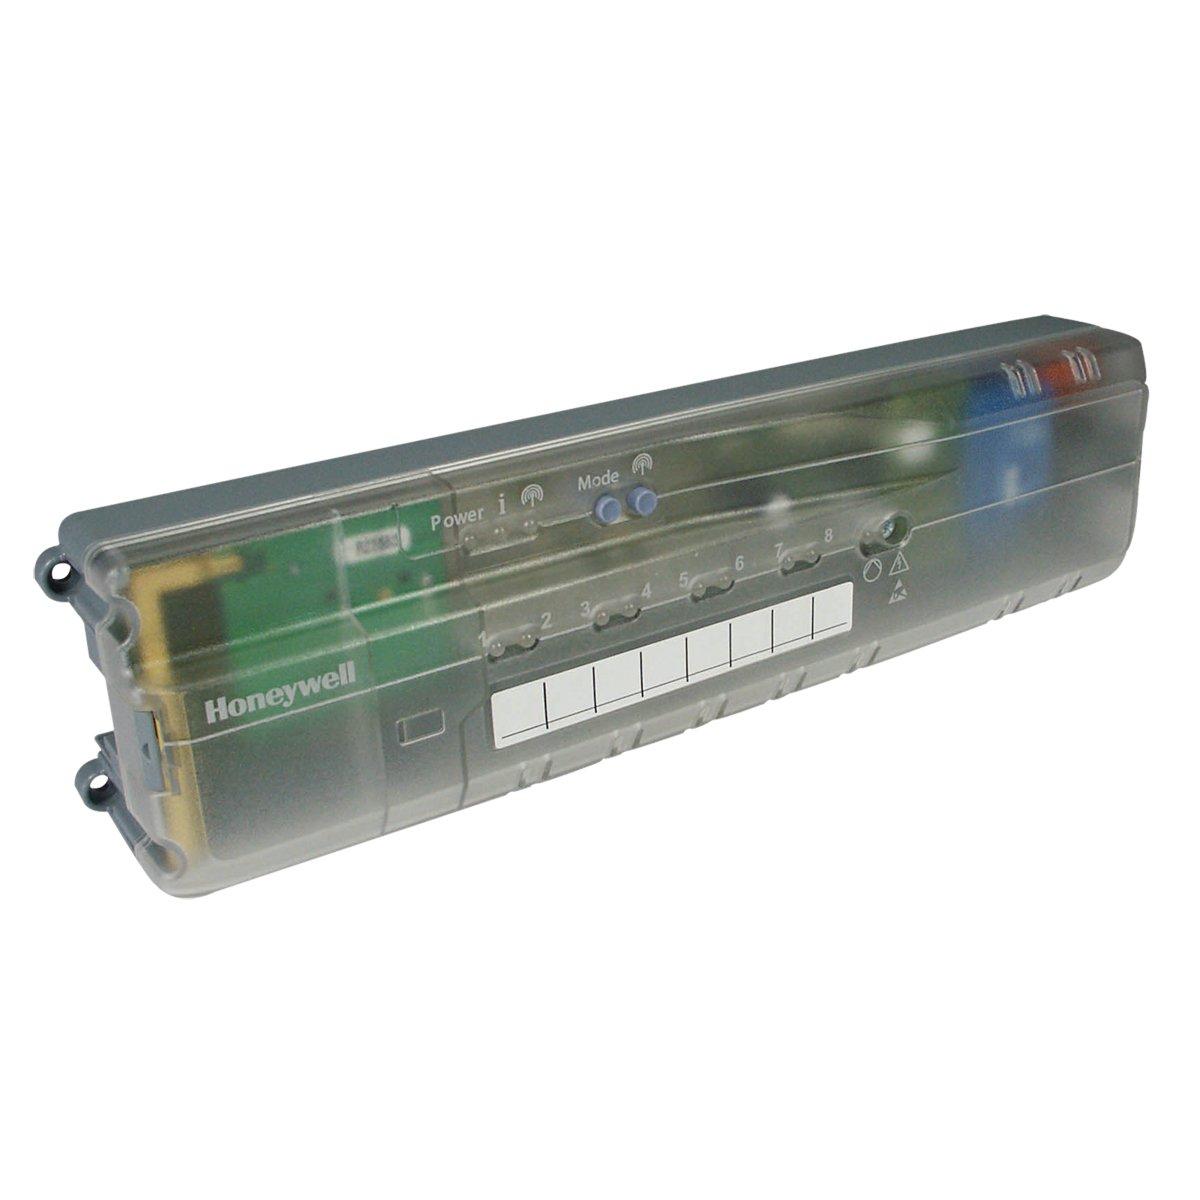 Honeywell HCE80 evohome R/égulateur de plancher chauffant pour 5 zones